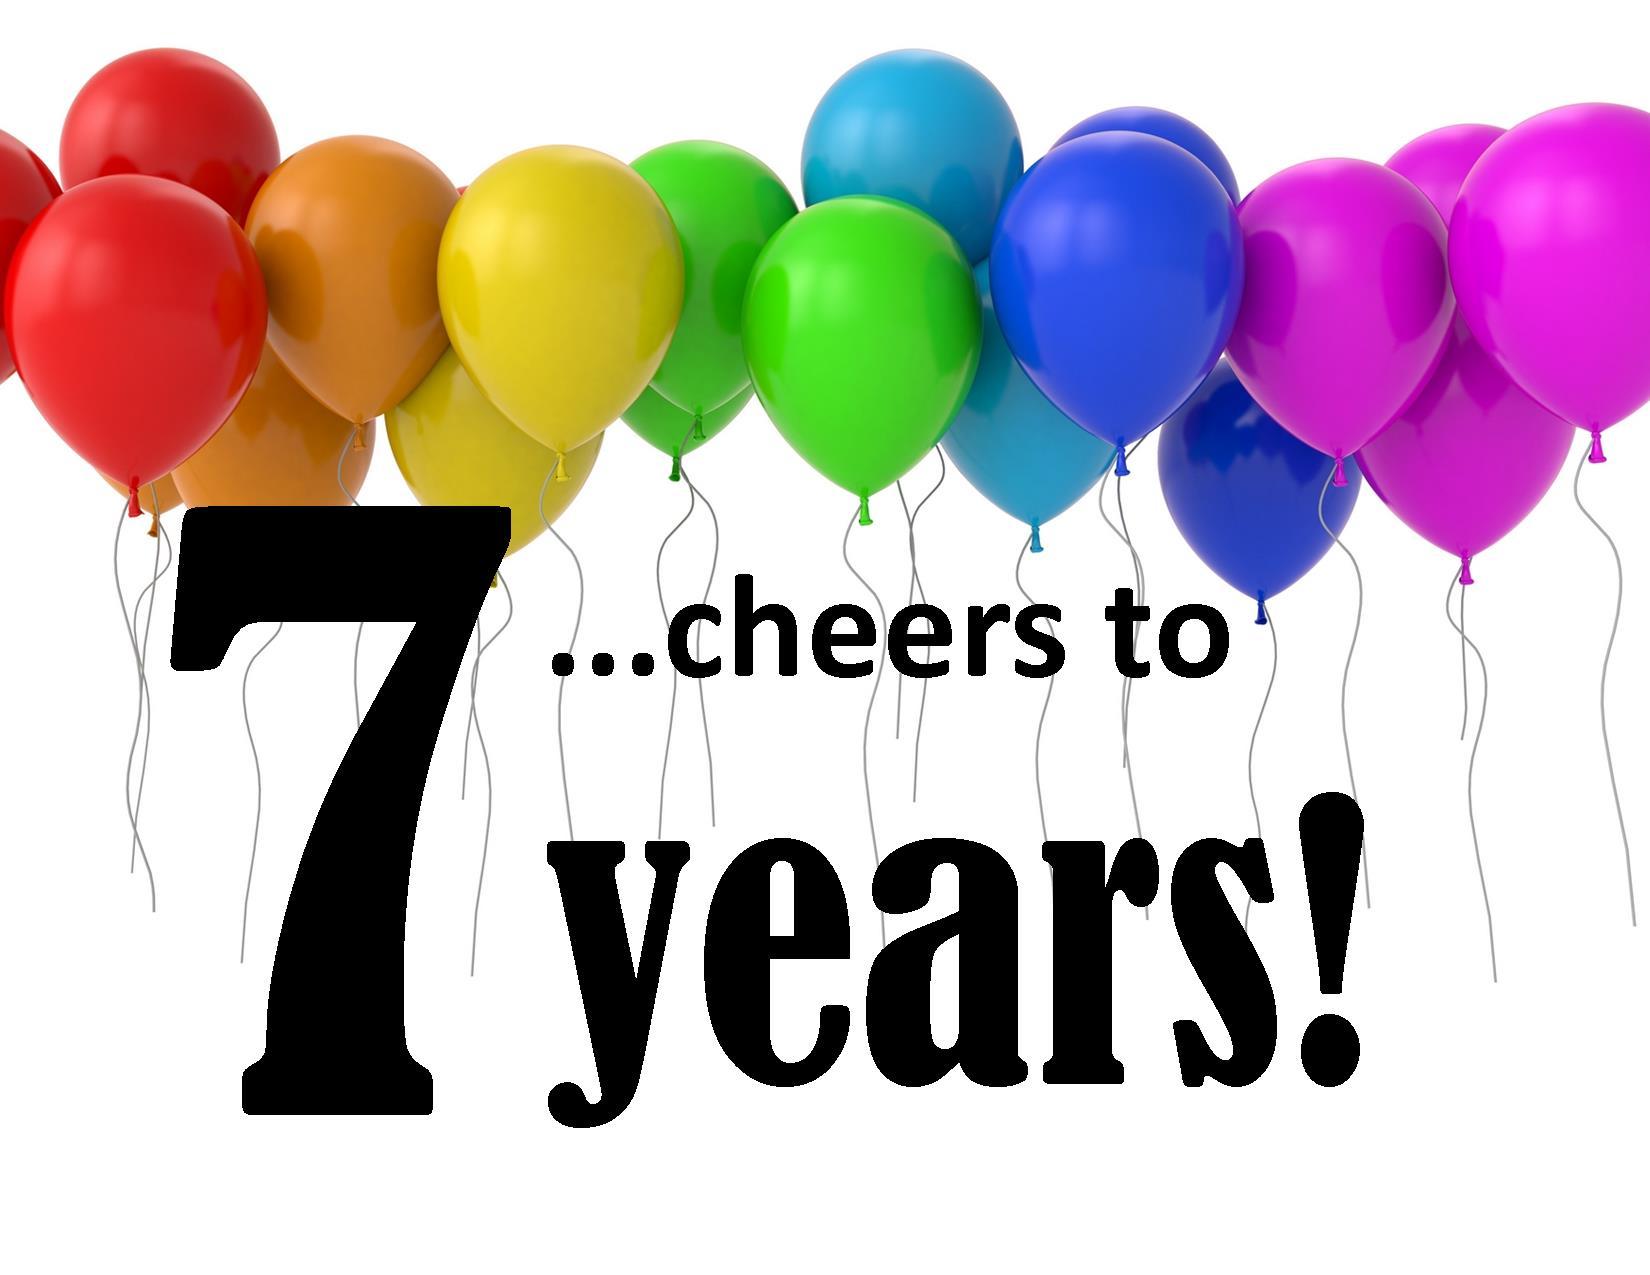 7 year anniversary clipart